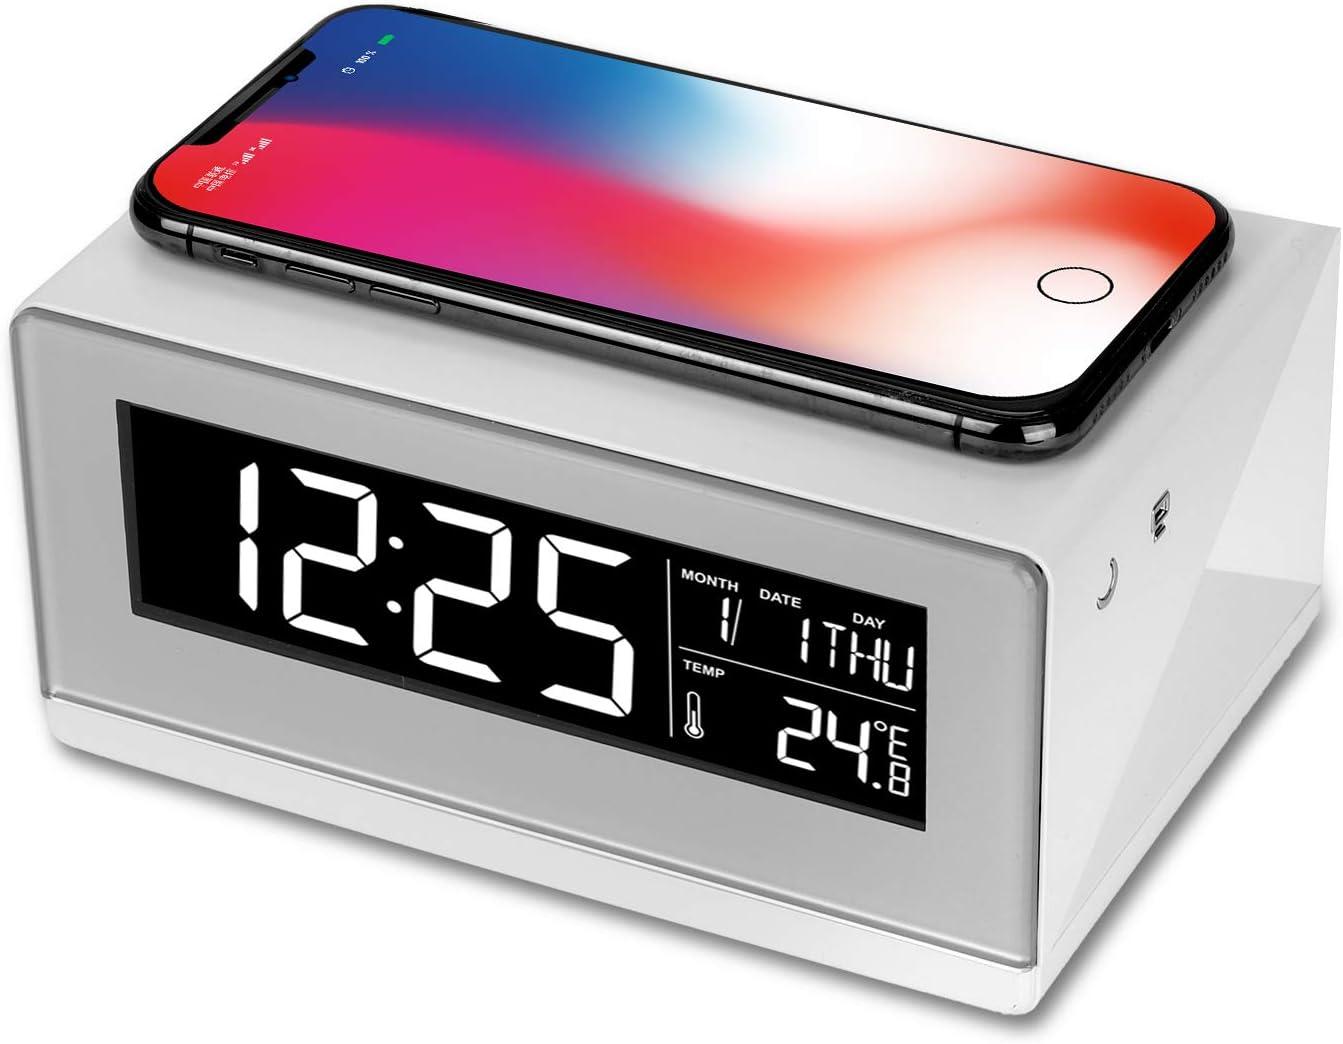 WILIT A12 Lámpara de Mesilla, Reloj Despertador, Cargador Inalámbrico, Lámpara Mesa con Pantalla Regulable, 3 Niveles de Brillo, Qi Carga Inducción para Samsung S10/S9/Note 10, iPhone 11/XS/8, Blanco